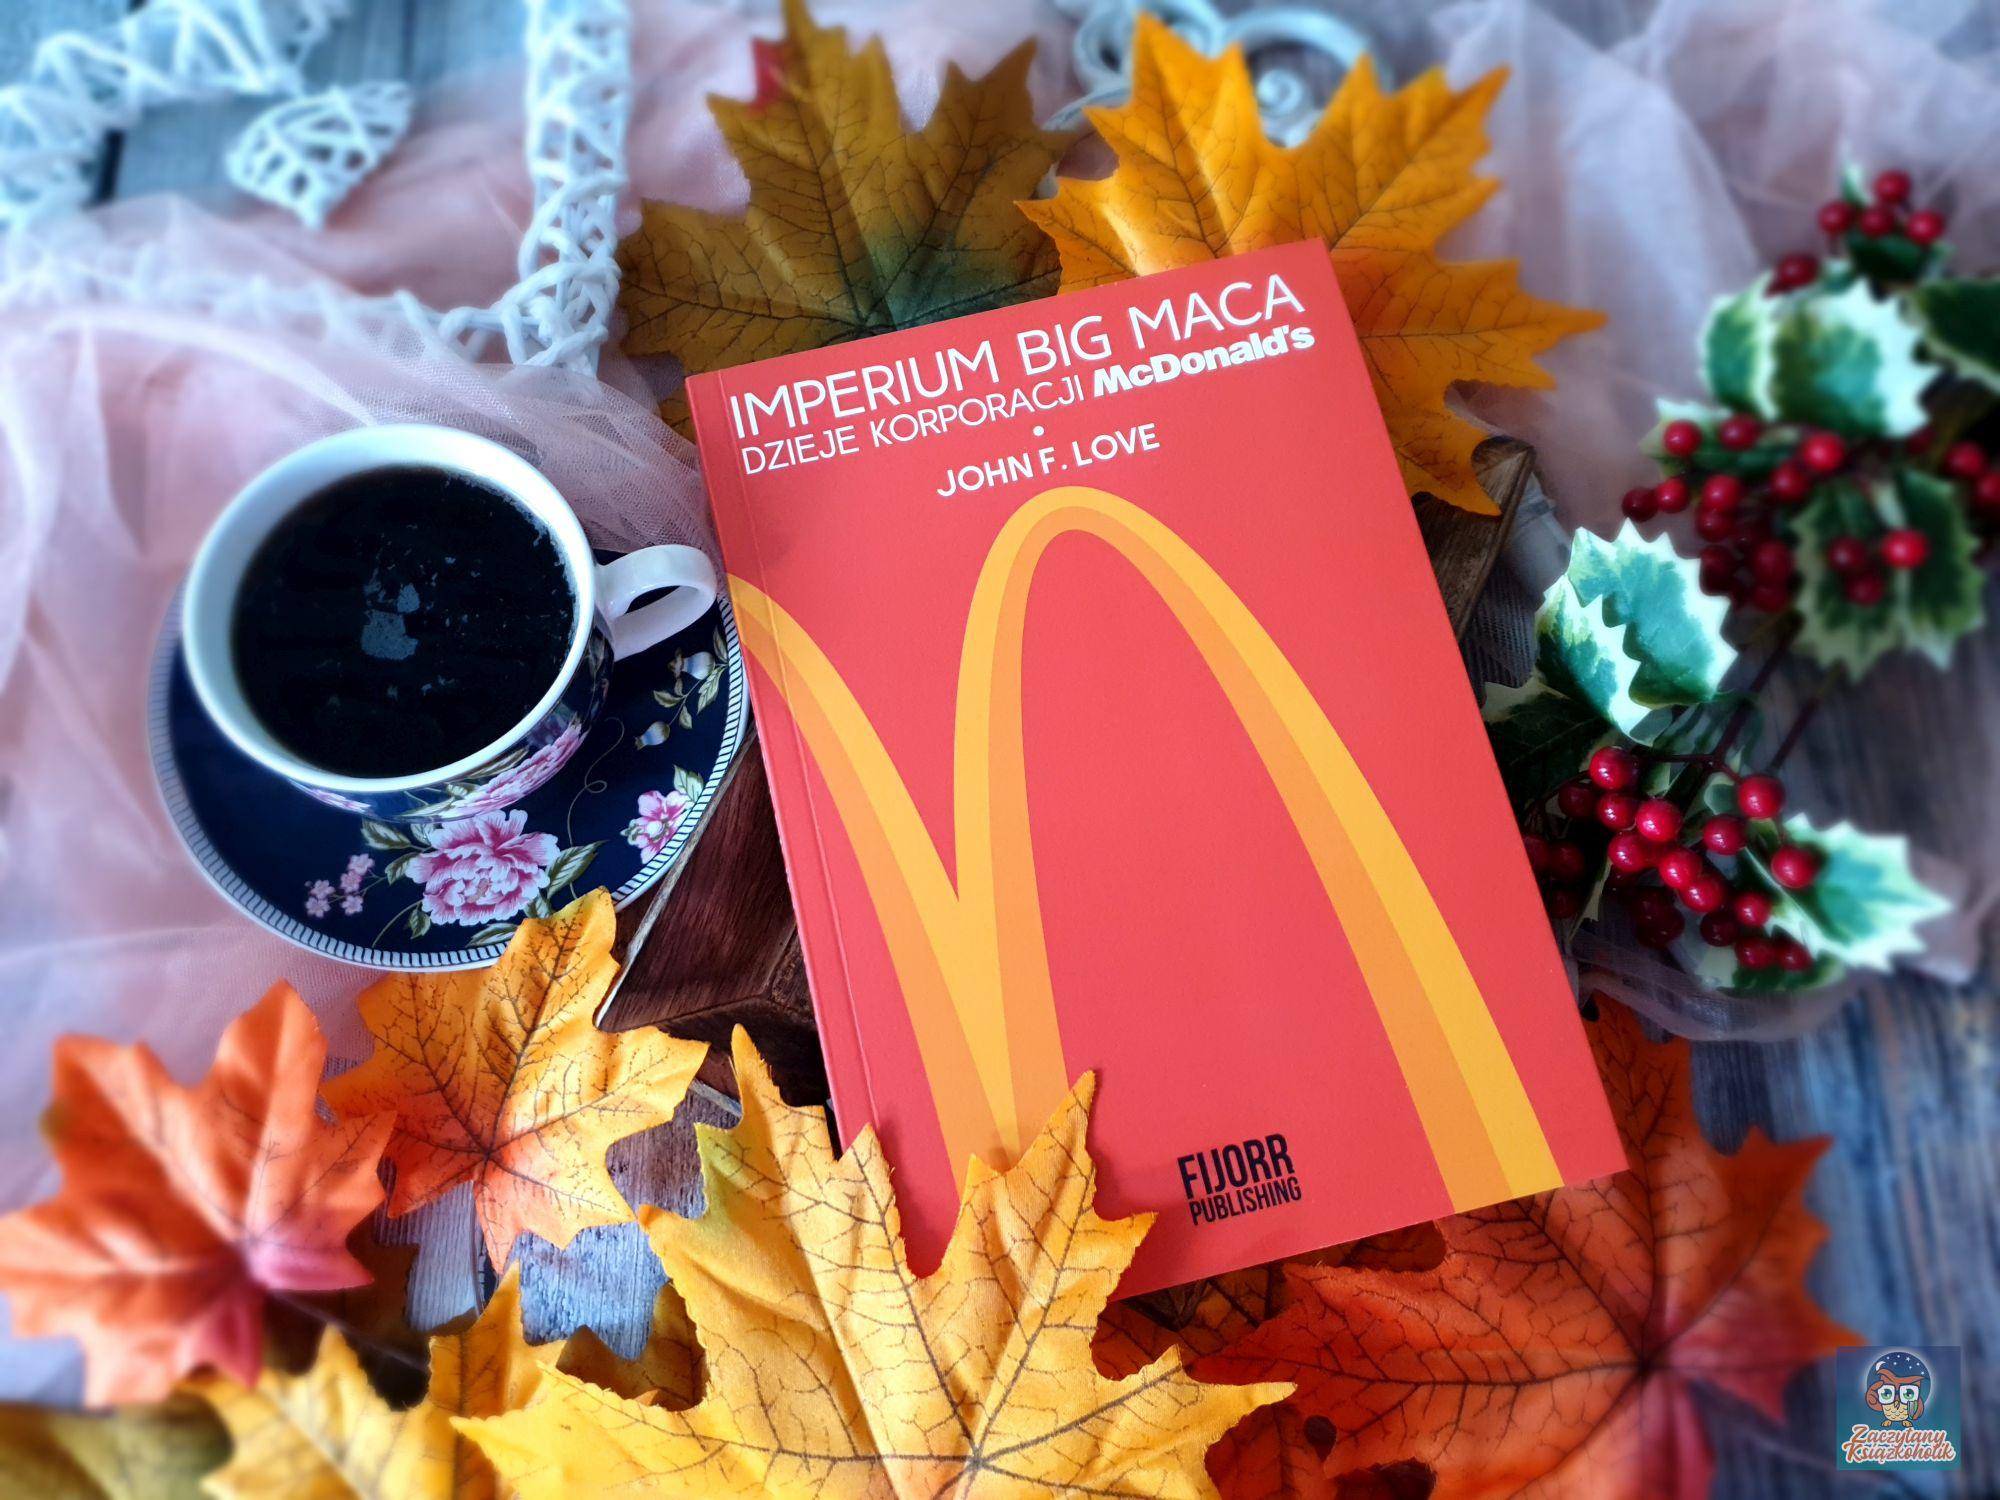 Imperium Big Maca. Dzieje korporacji McDonalds, John F. Love, zaczytanyksiazkoholik.pl